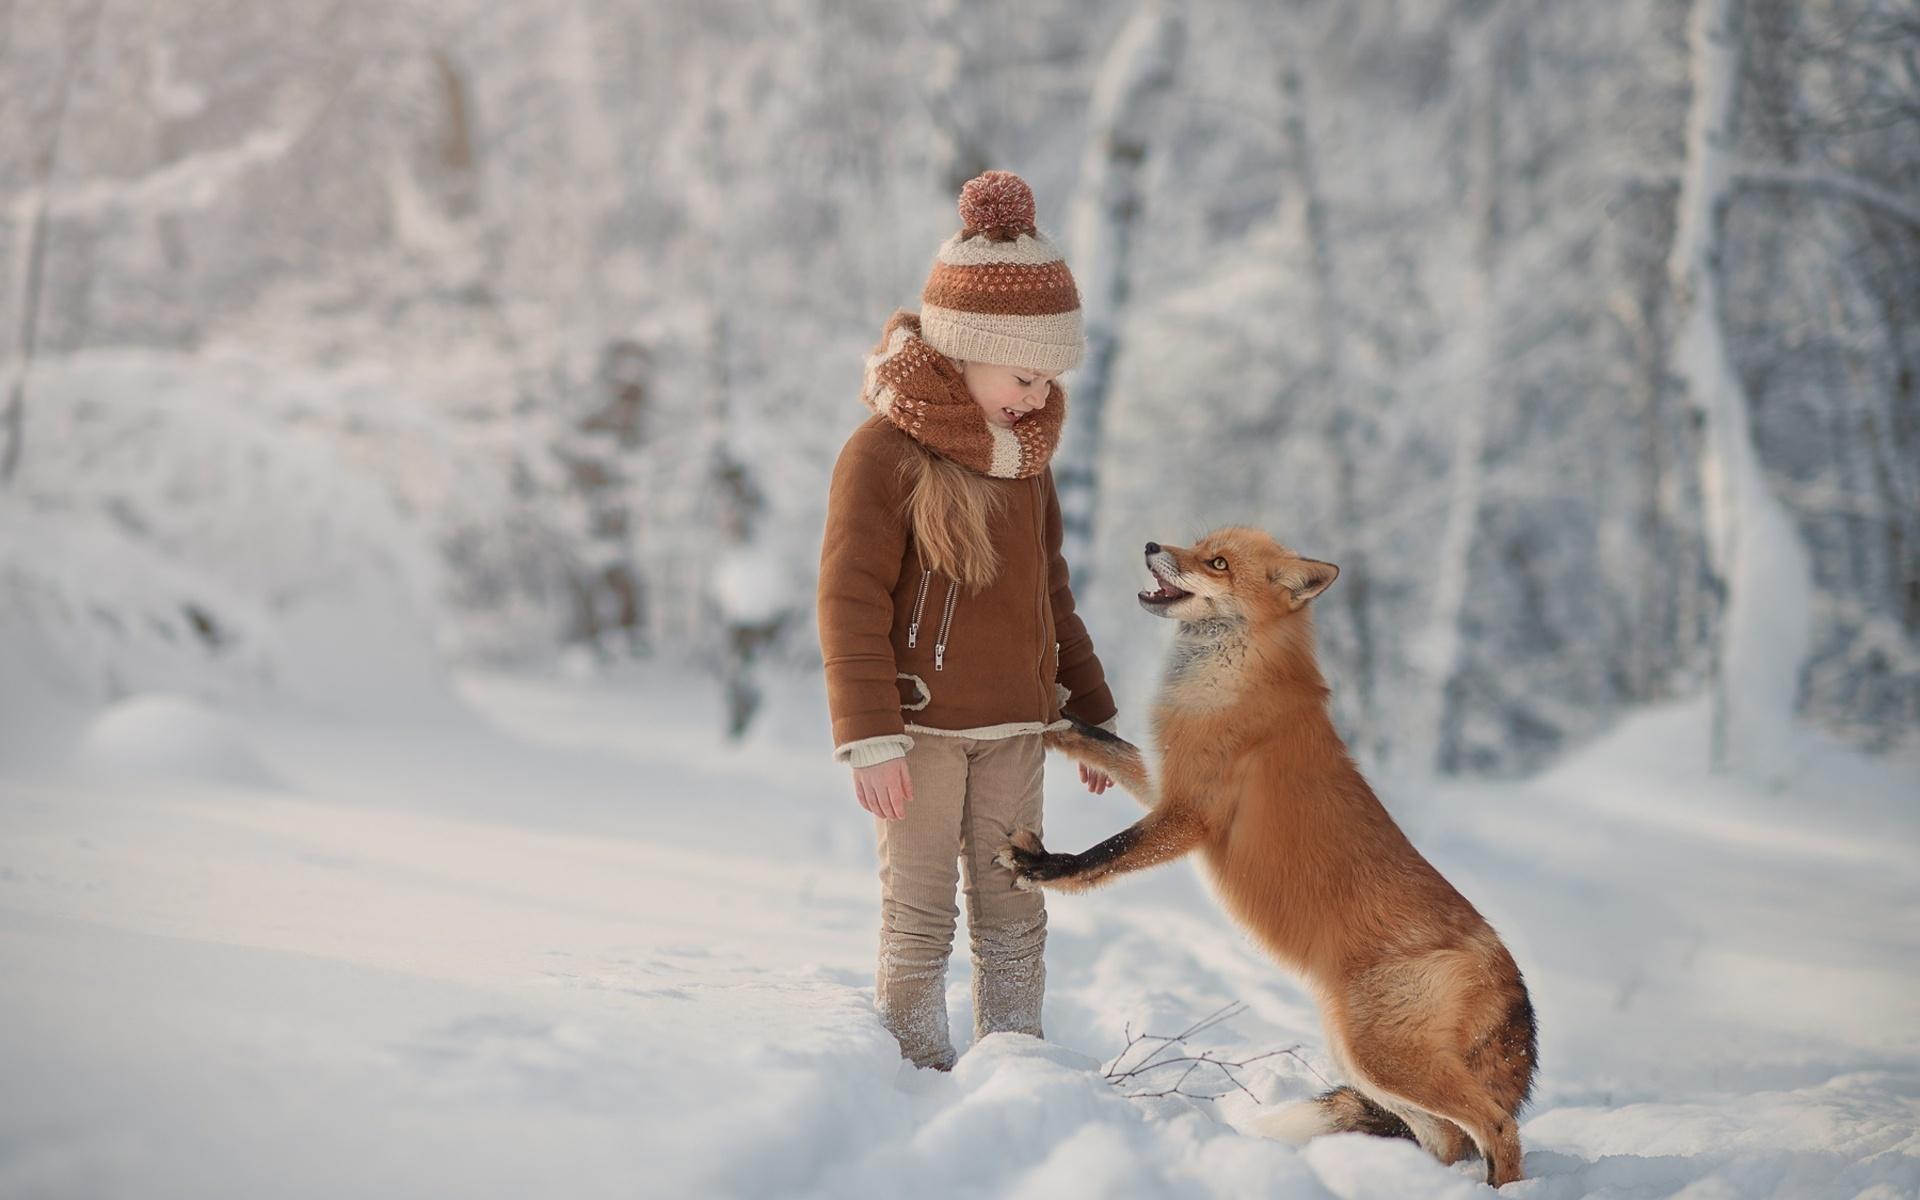 ребёнок, девочка, животное, лиса, лисица, природа, зима, снео, снег, лес